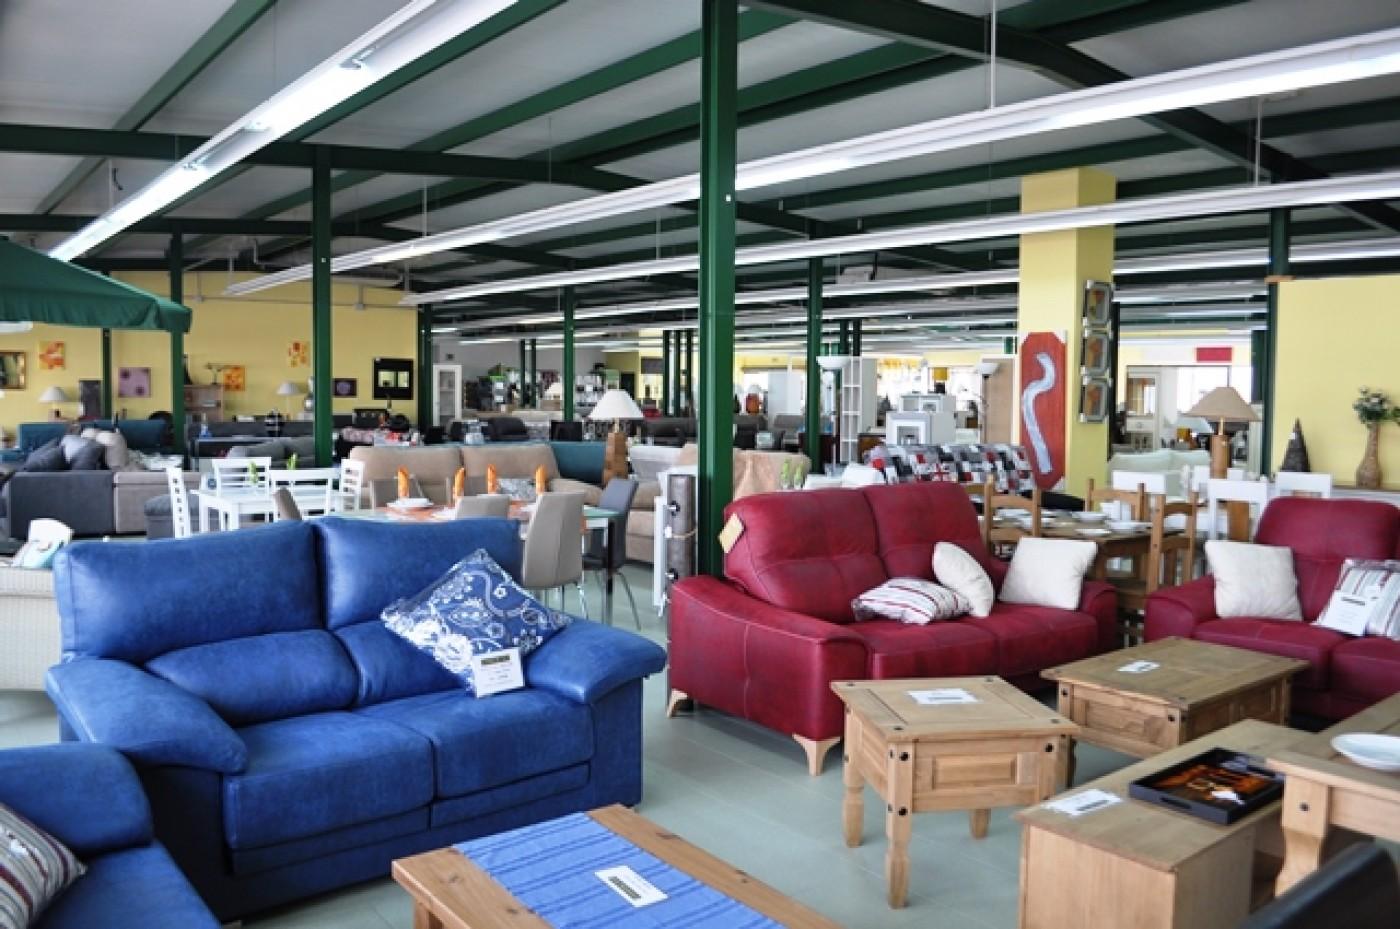 Furniture Plus